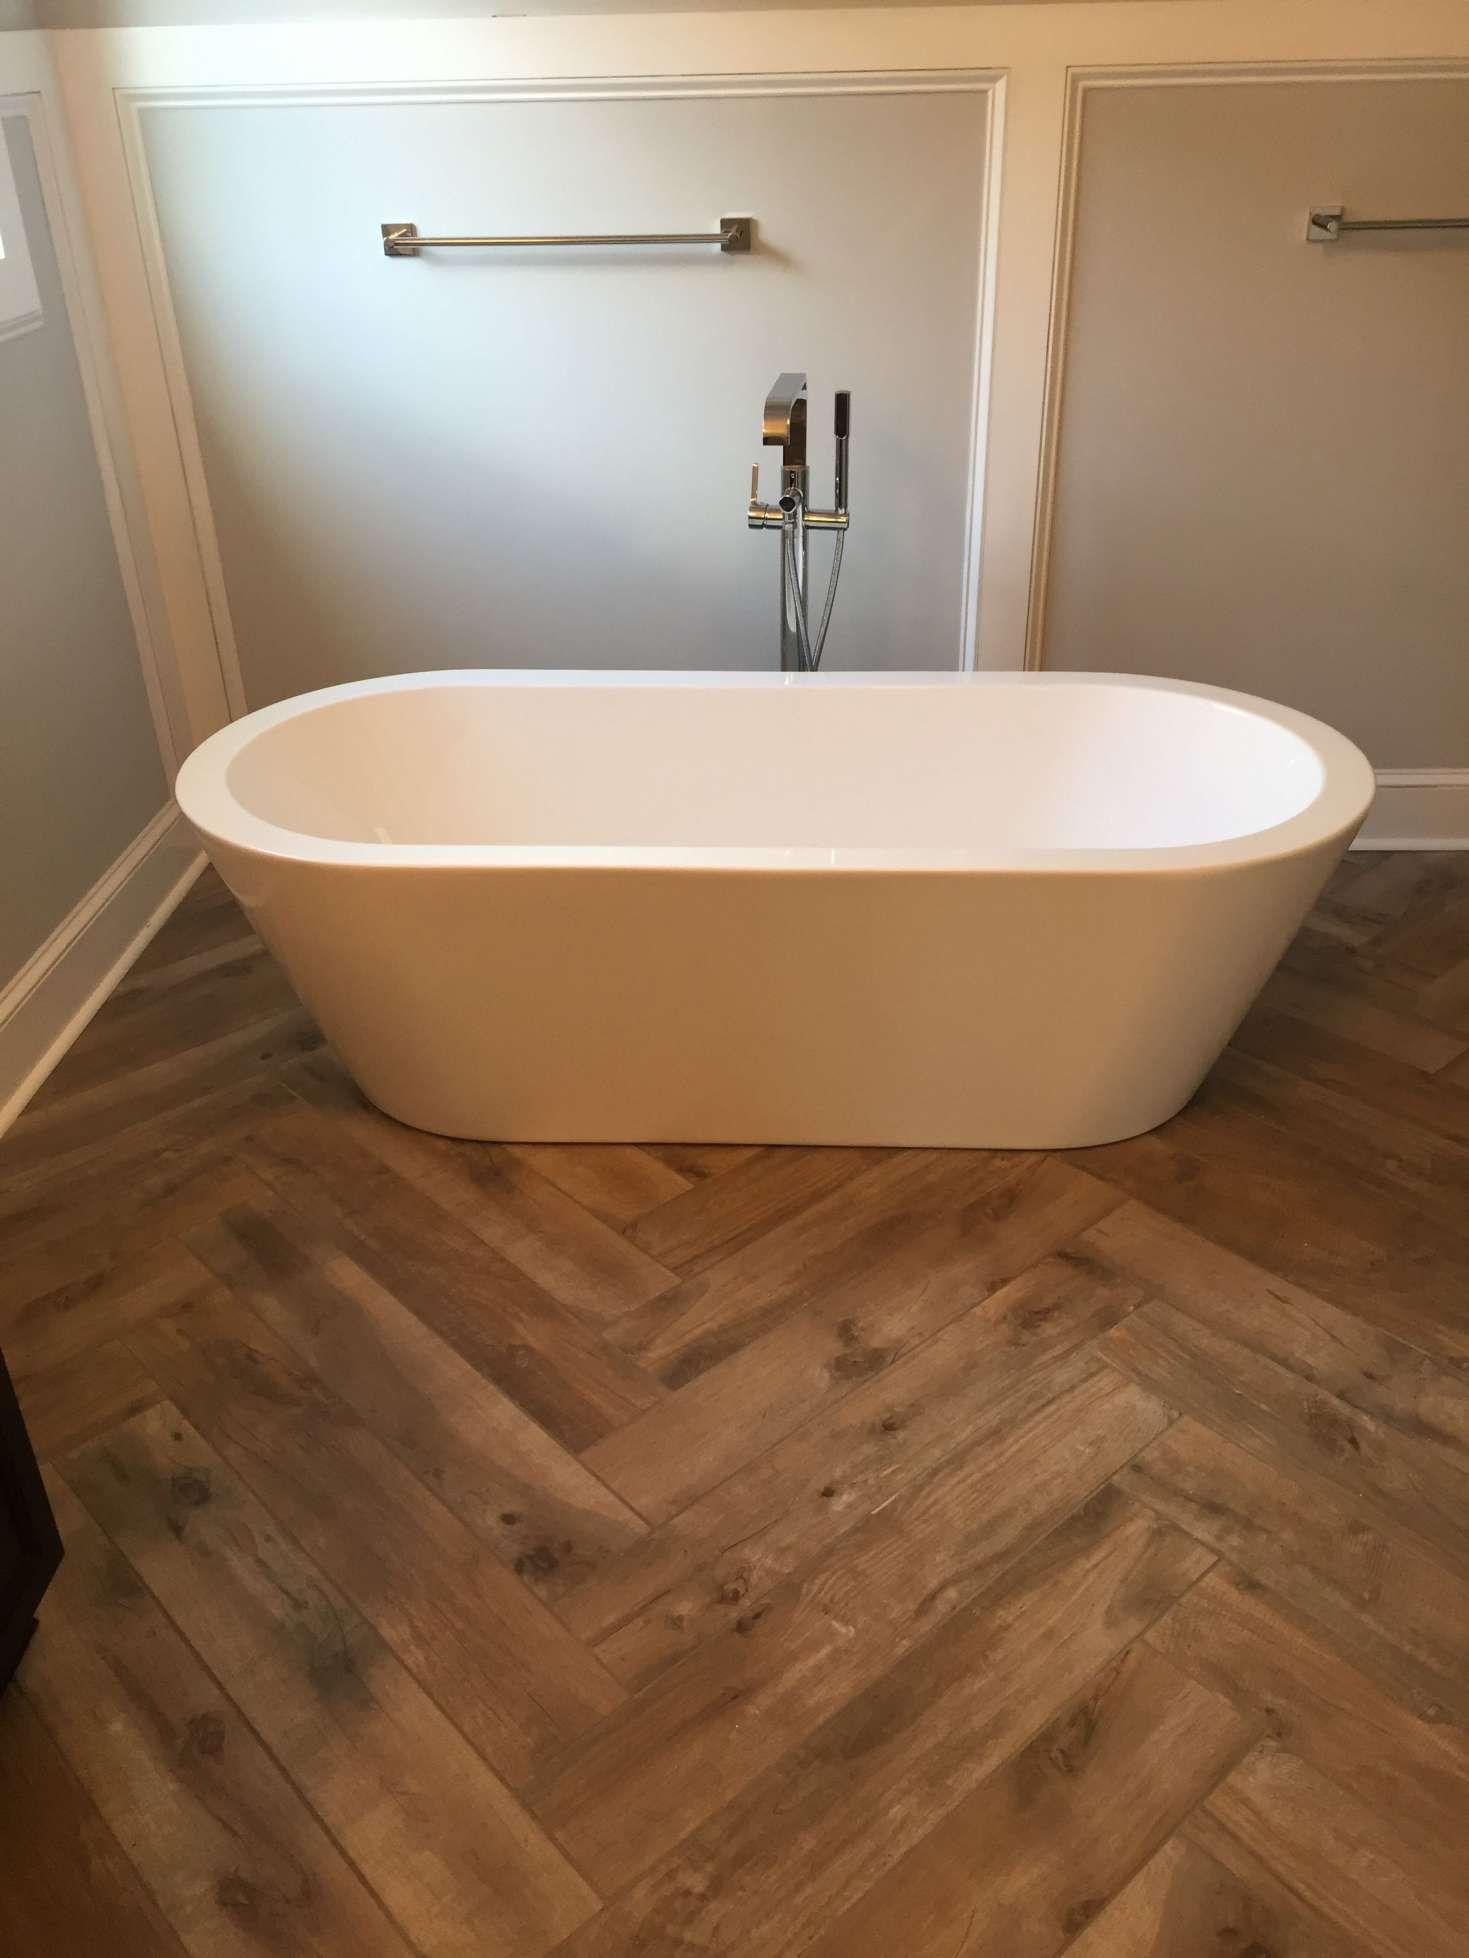 9 Fantastic Herringbone Wood Tile Floor Photos Wooden Furniture Woodplans101 Com In 2020 Faux Wood Tiles Wood Tile Bathroom Herringbone Wood